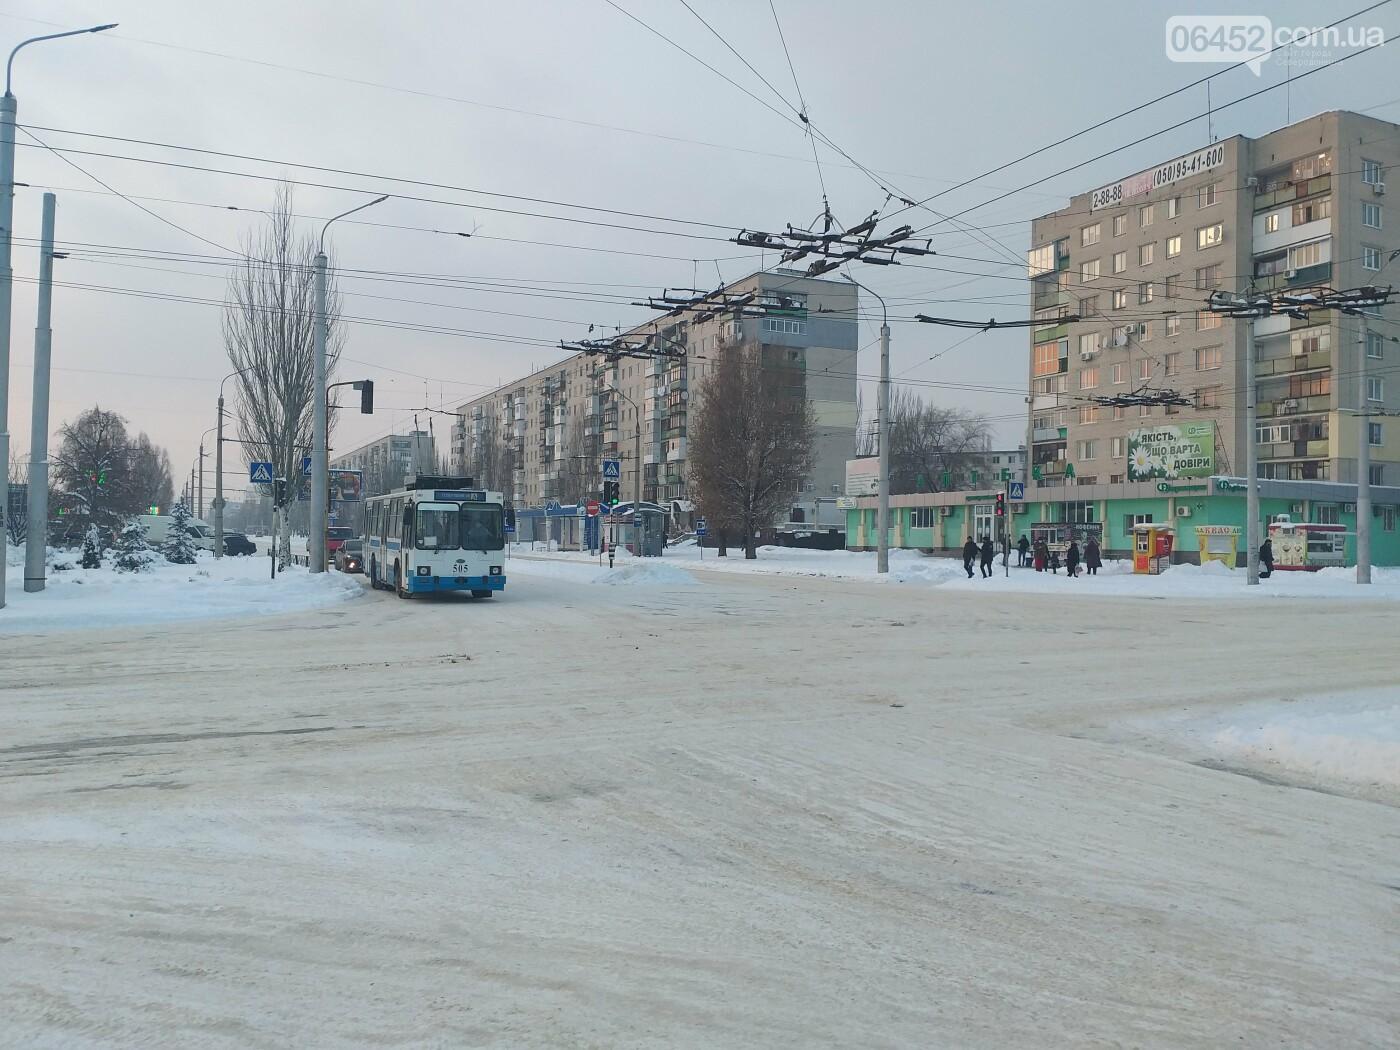 Заснеженный город: в Северодонецк пришла настоящая зимняя сказка (фото) , фото-4